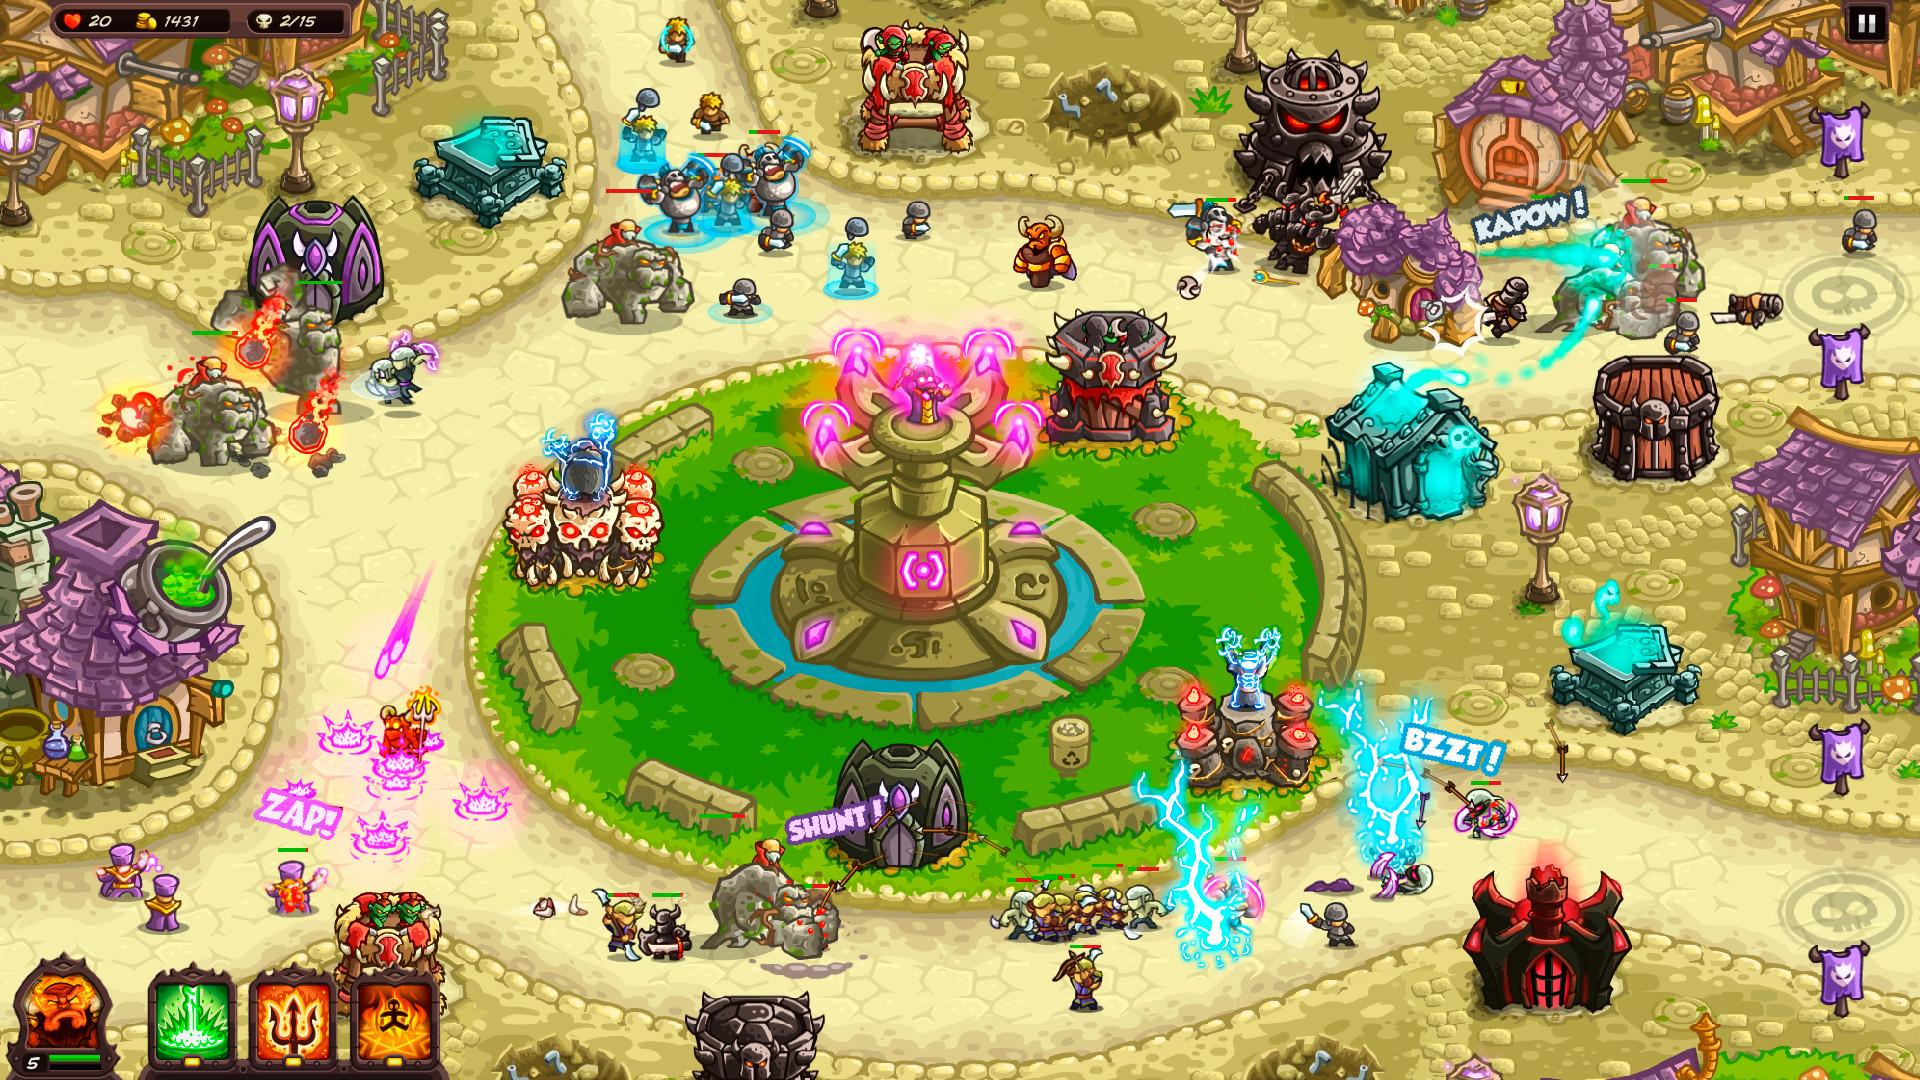 王國保衛戰:復仇PC版圖片